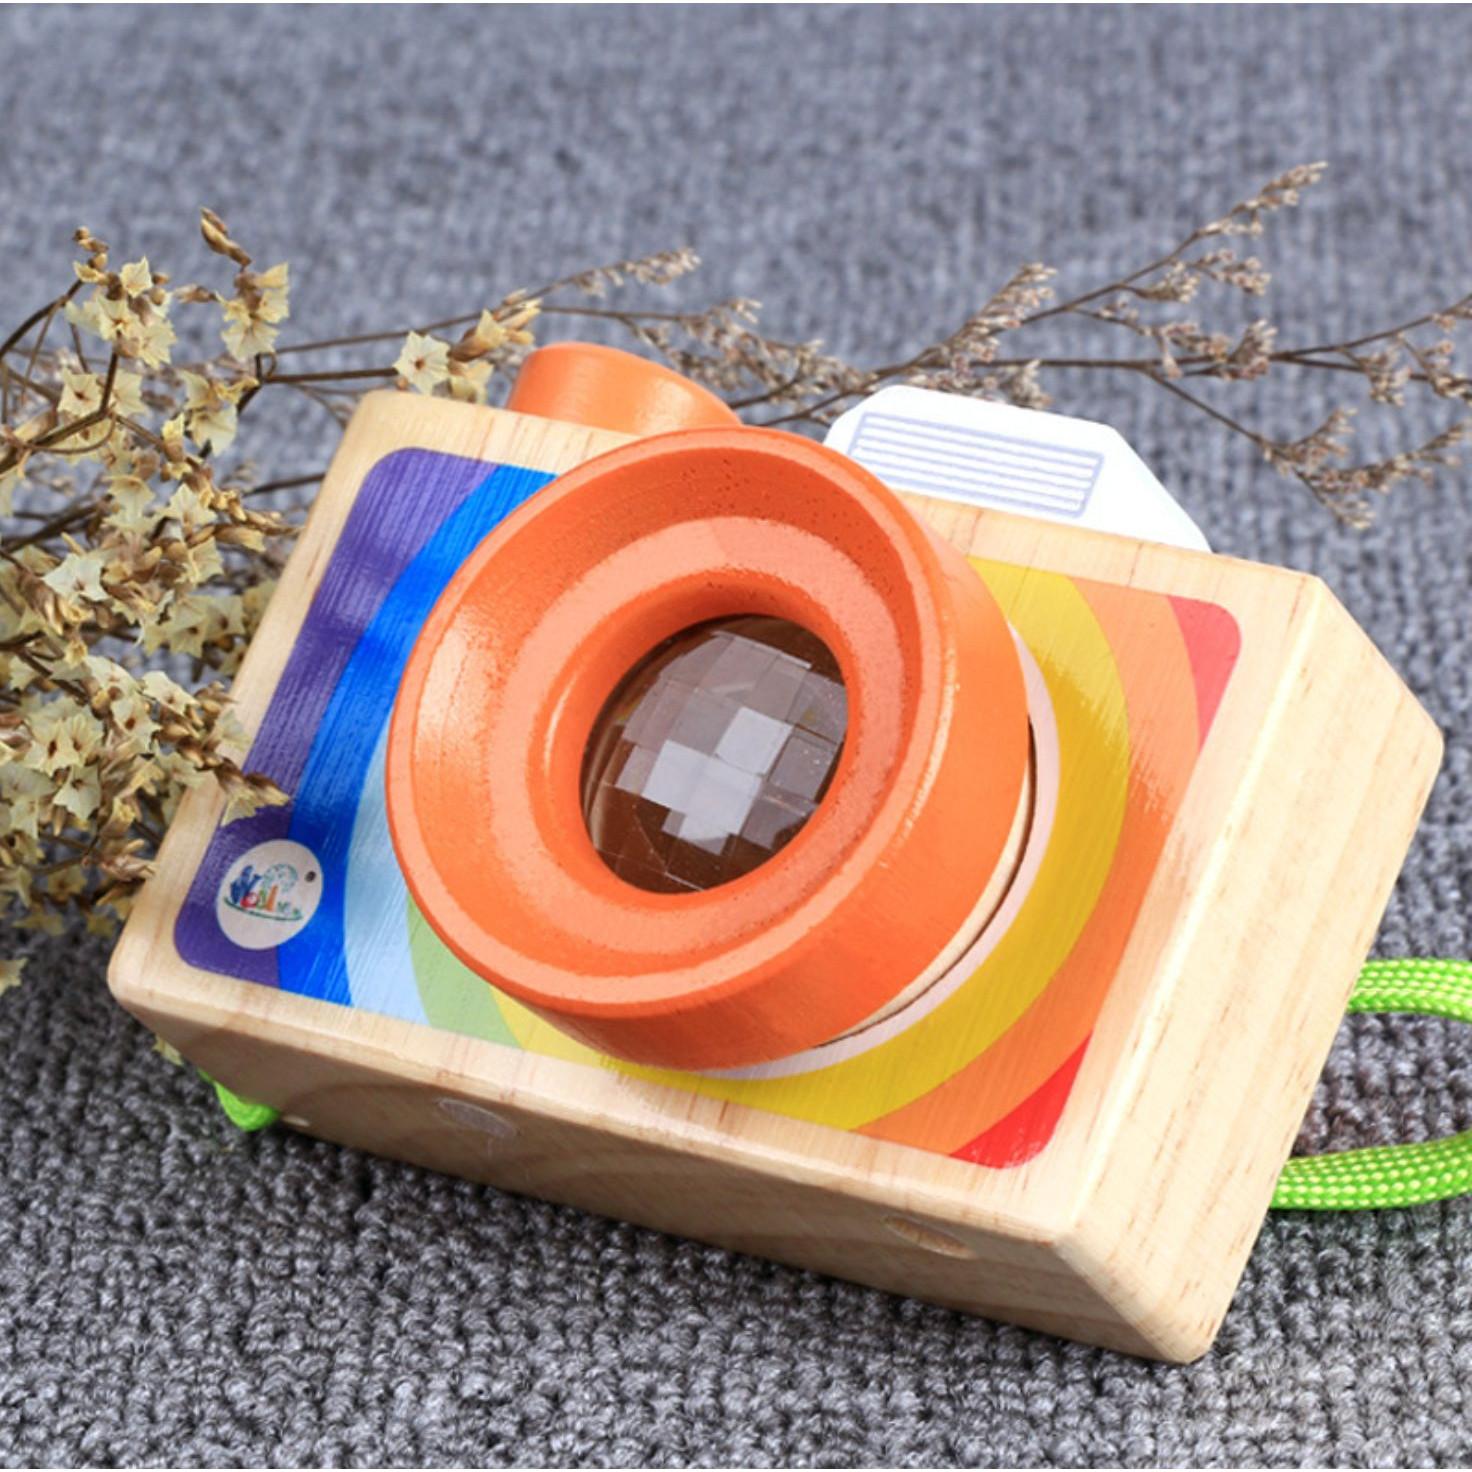 Đồ chơi máy ảnh bằng gỗ độc đáo cho bé - Máy ảnh có ống kính vạn hoa độc đáo